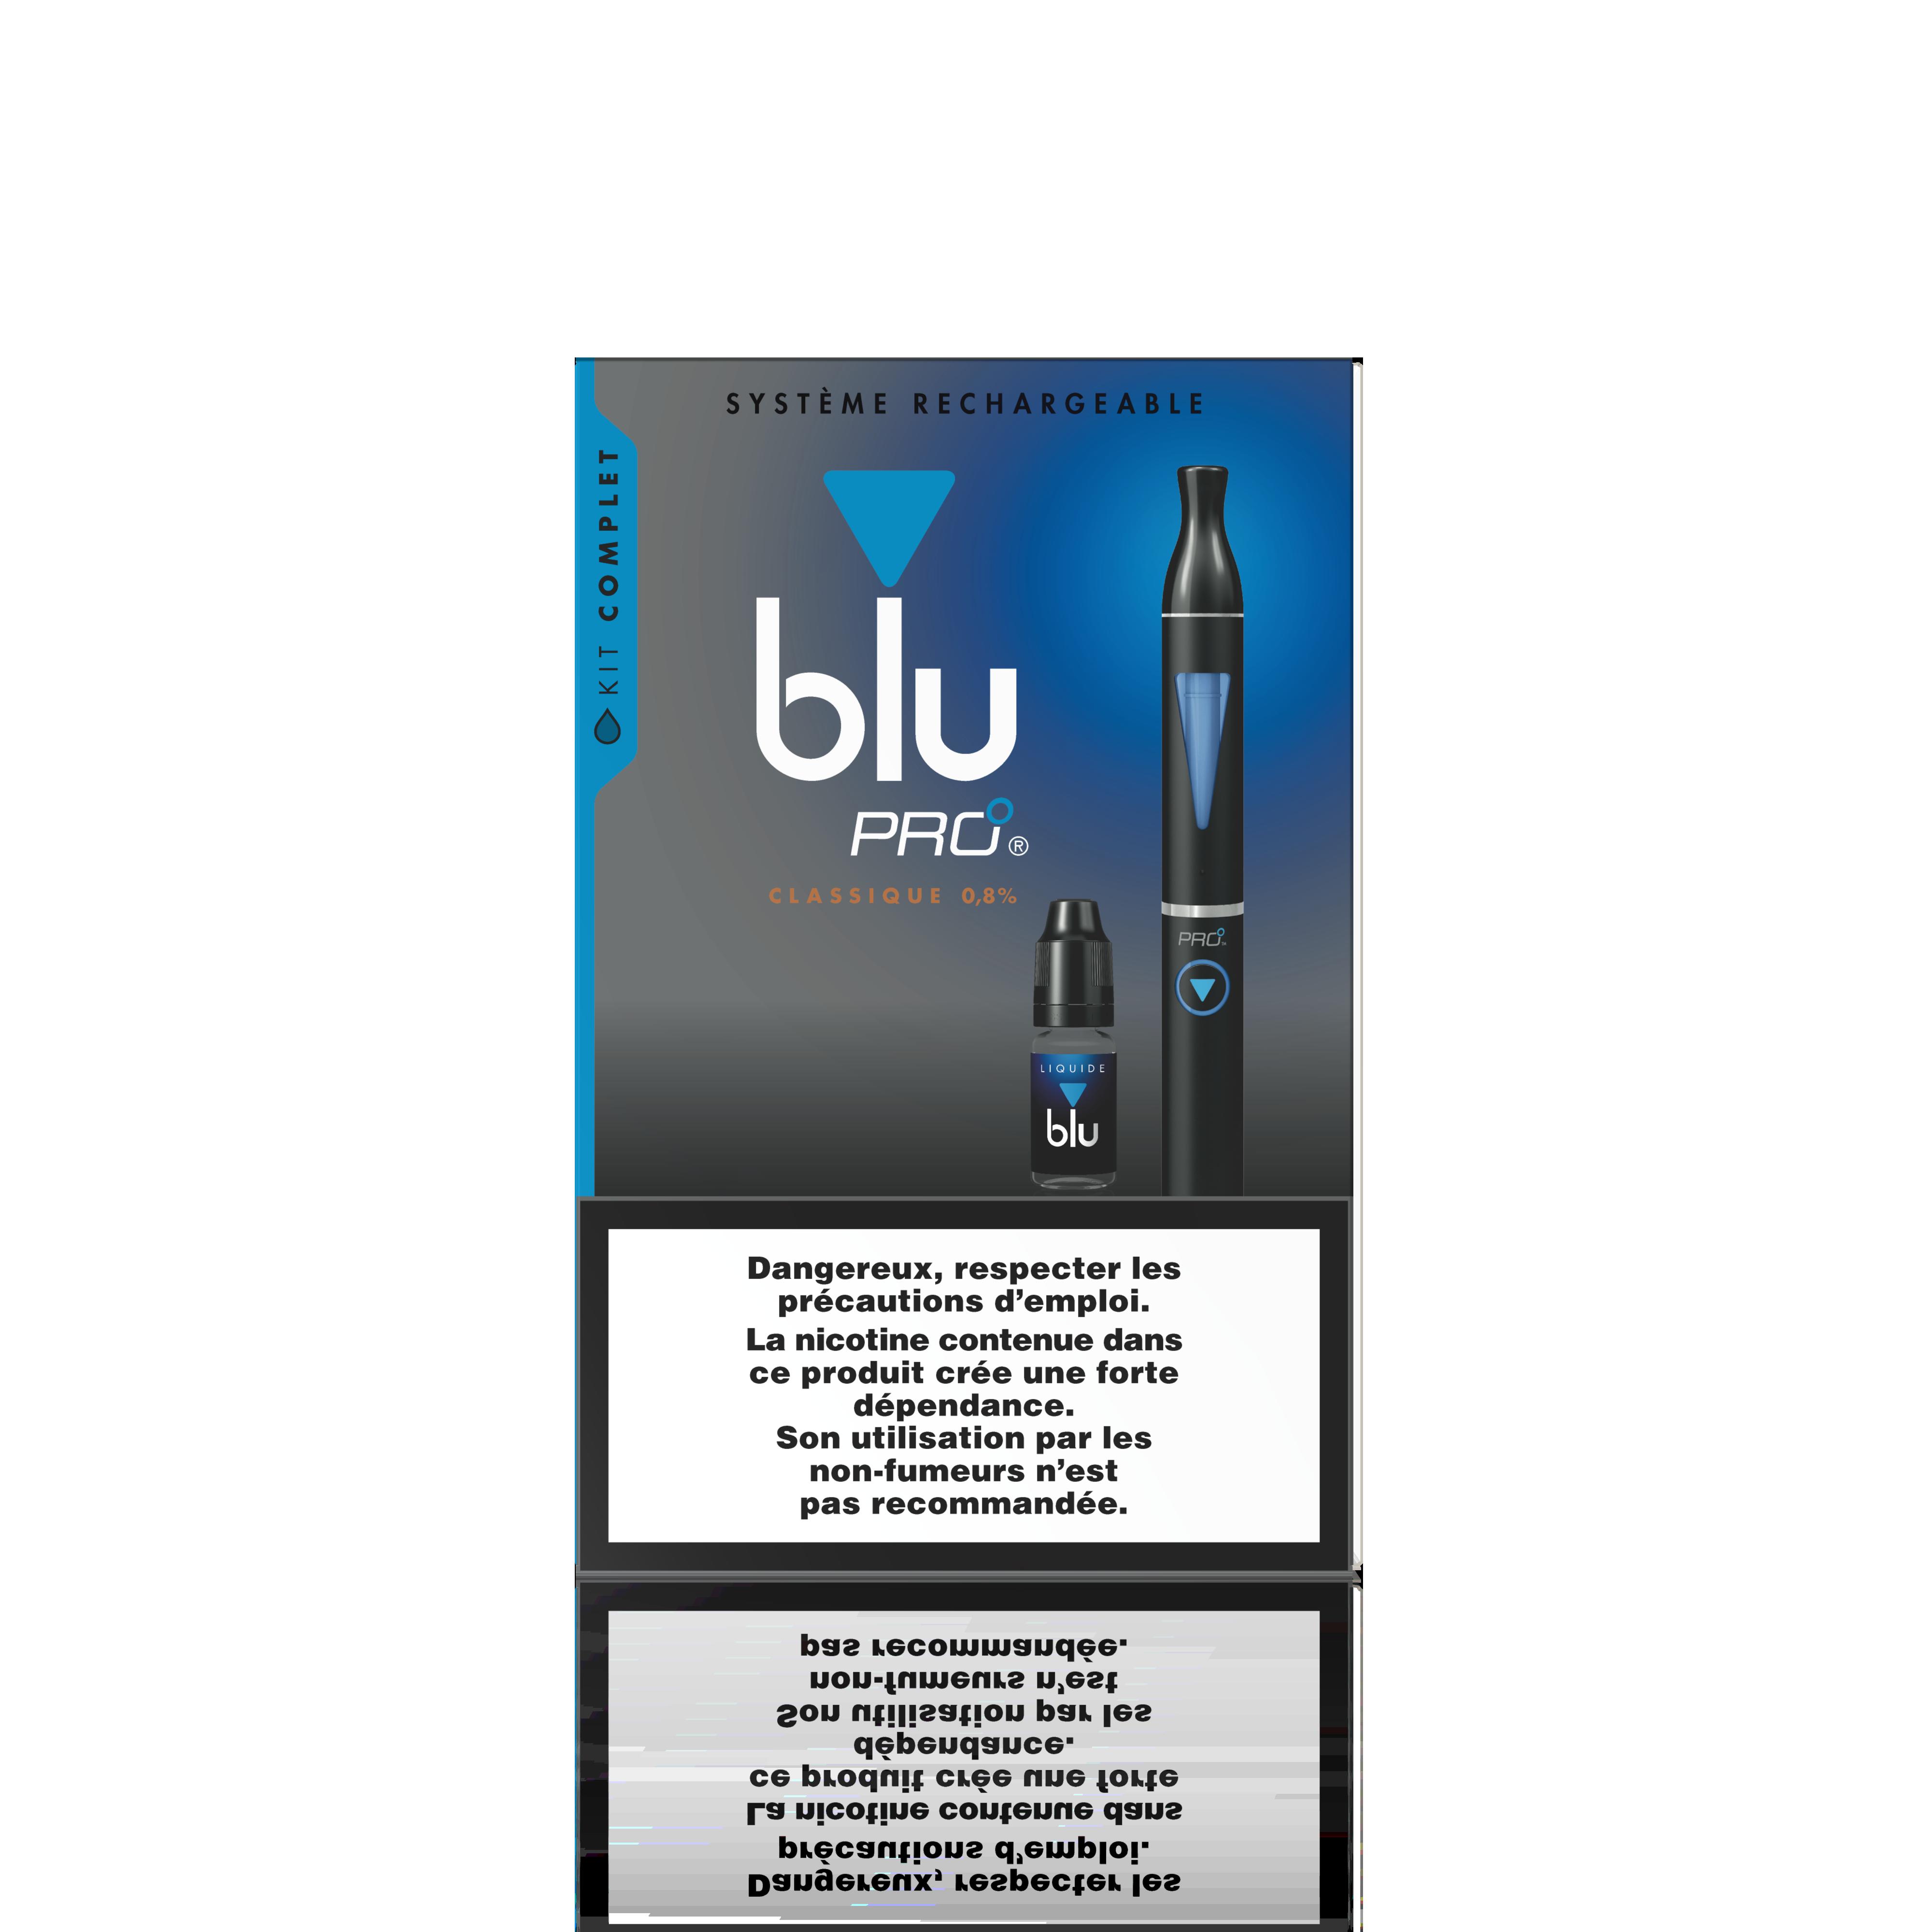 L'e-cig blu PRO : « offrir une véritable alternative aux fumeurs »